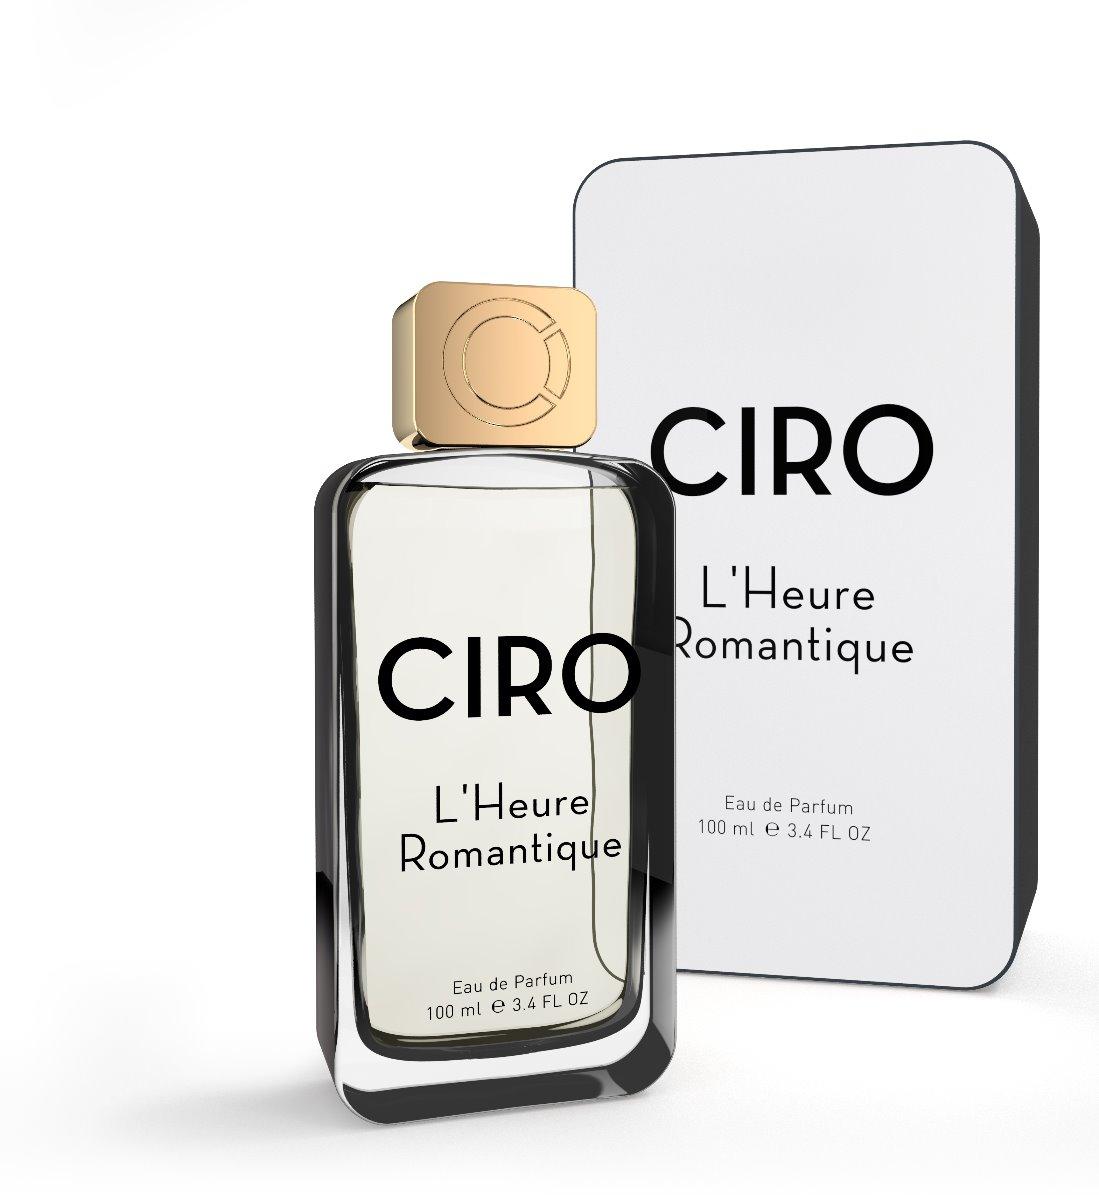 Ciro Parfums - L'heure Romantique - Eau de Parfum 100 ml